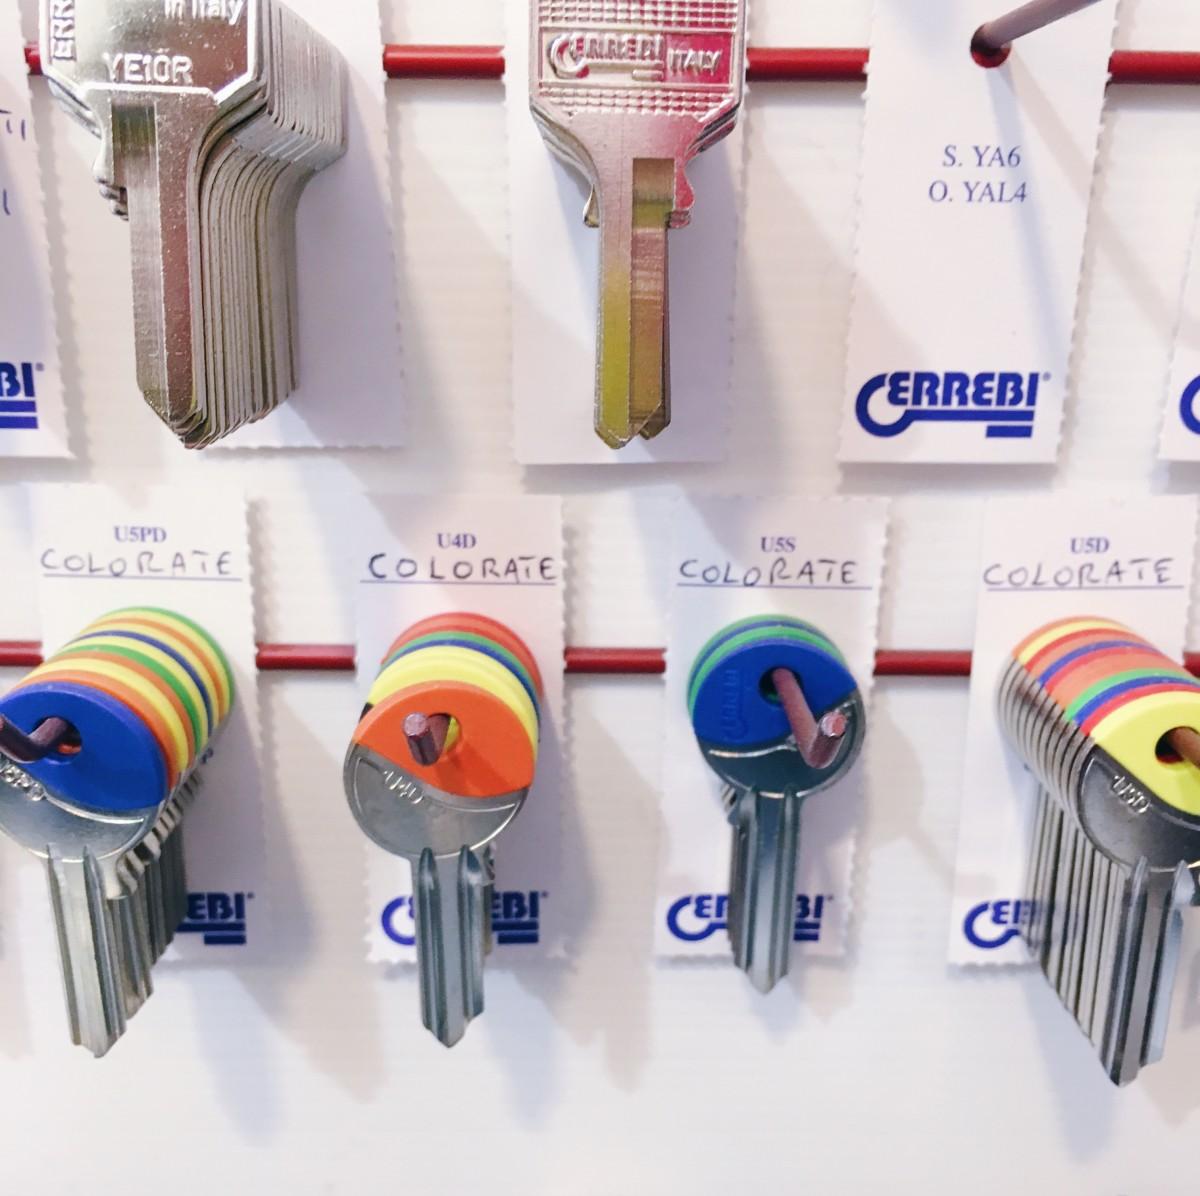 il Posto delle Chiavi duplicazione-chiavi-trieste-11 Home